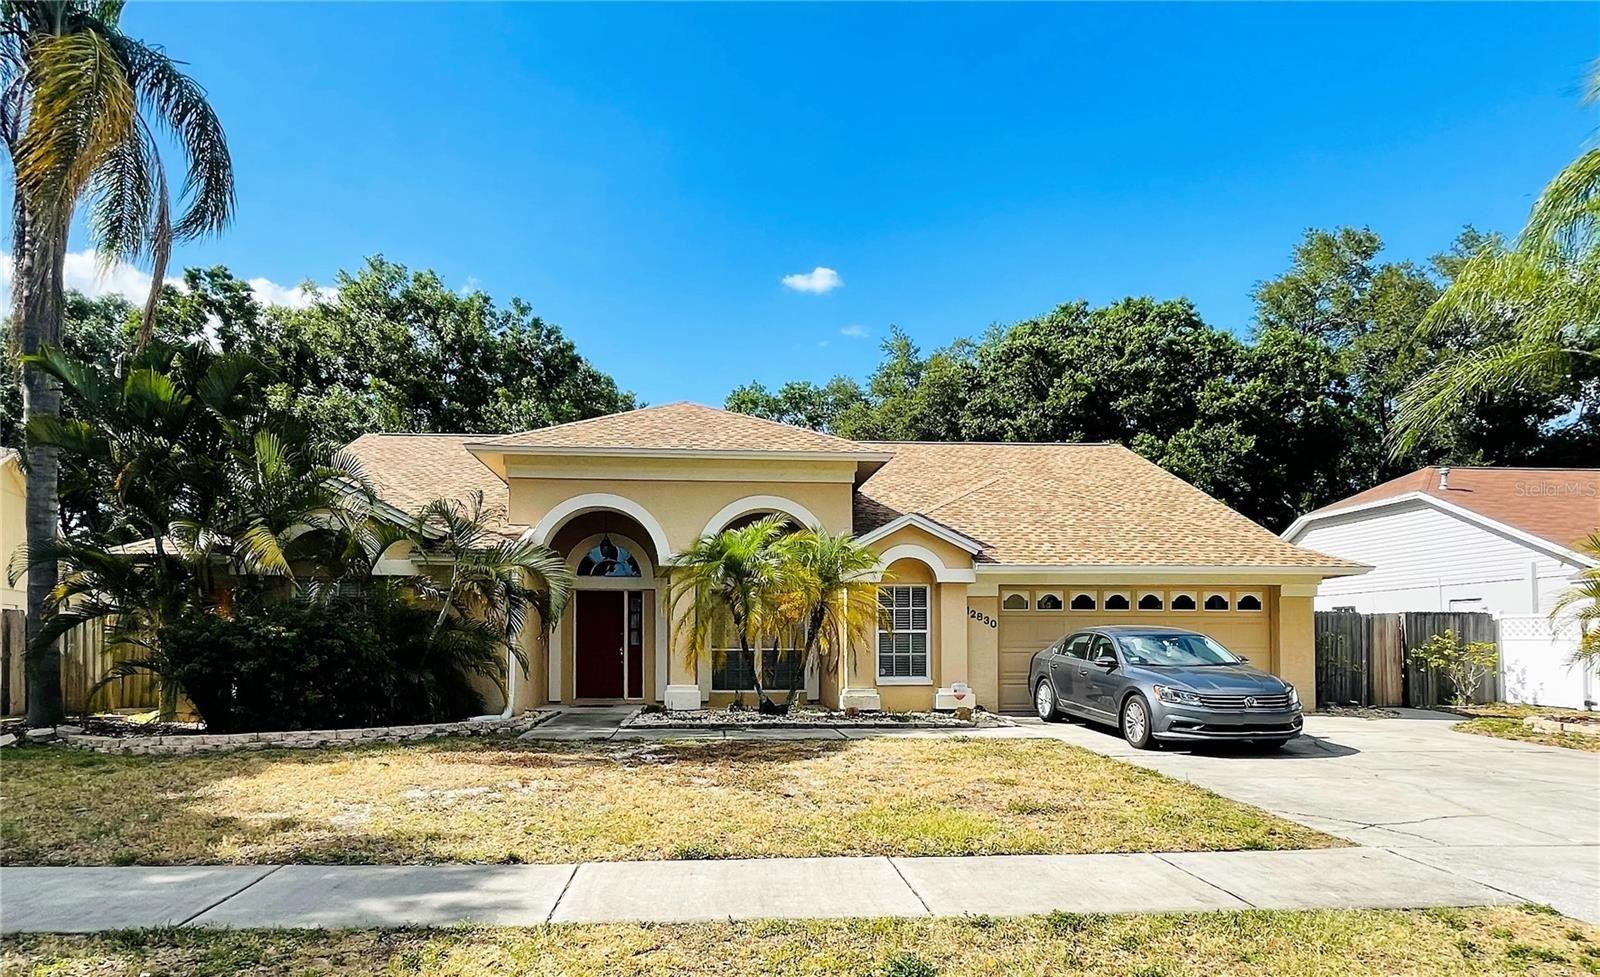 12830 WALLINGFORD DRIVE, Tampa, FL 33624 - MLS#: T3312429